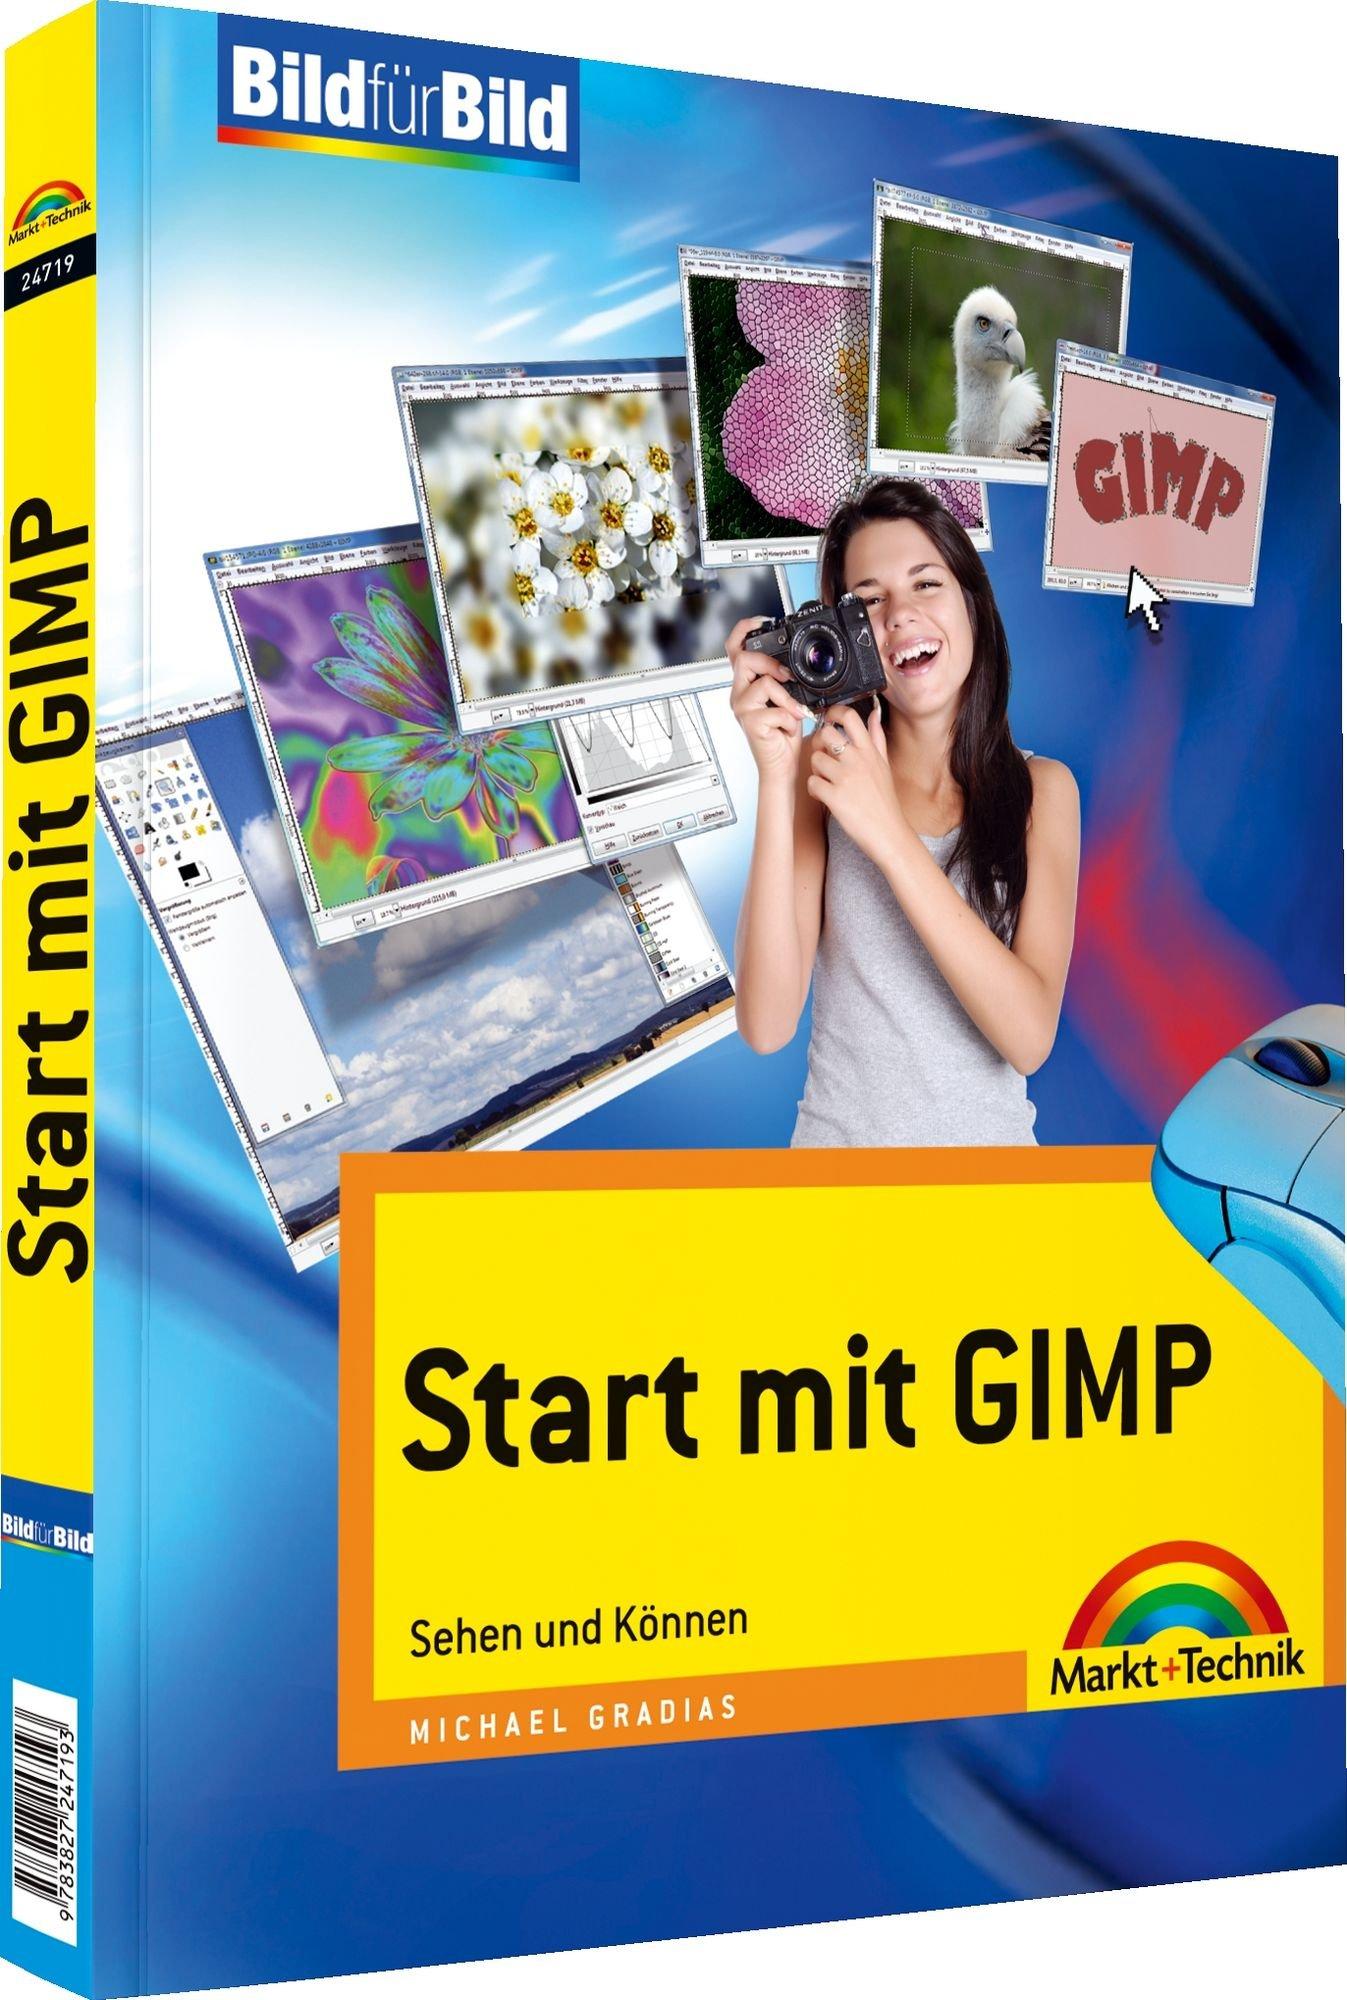 Start mit GIMP - visuell lernen, alle: Sehen und Können (Bild für Bild)